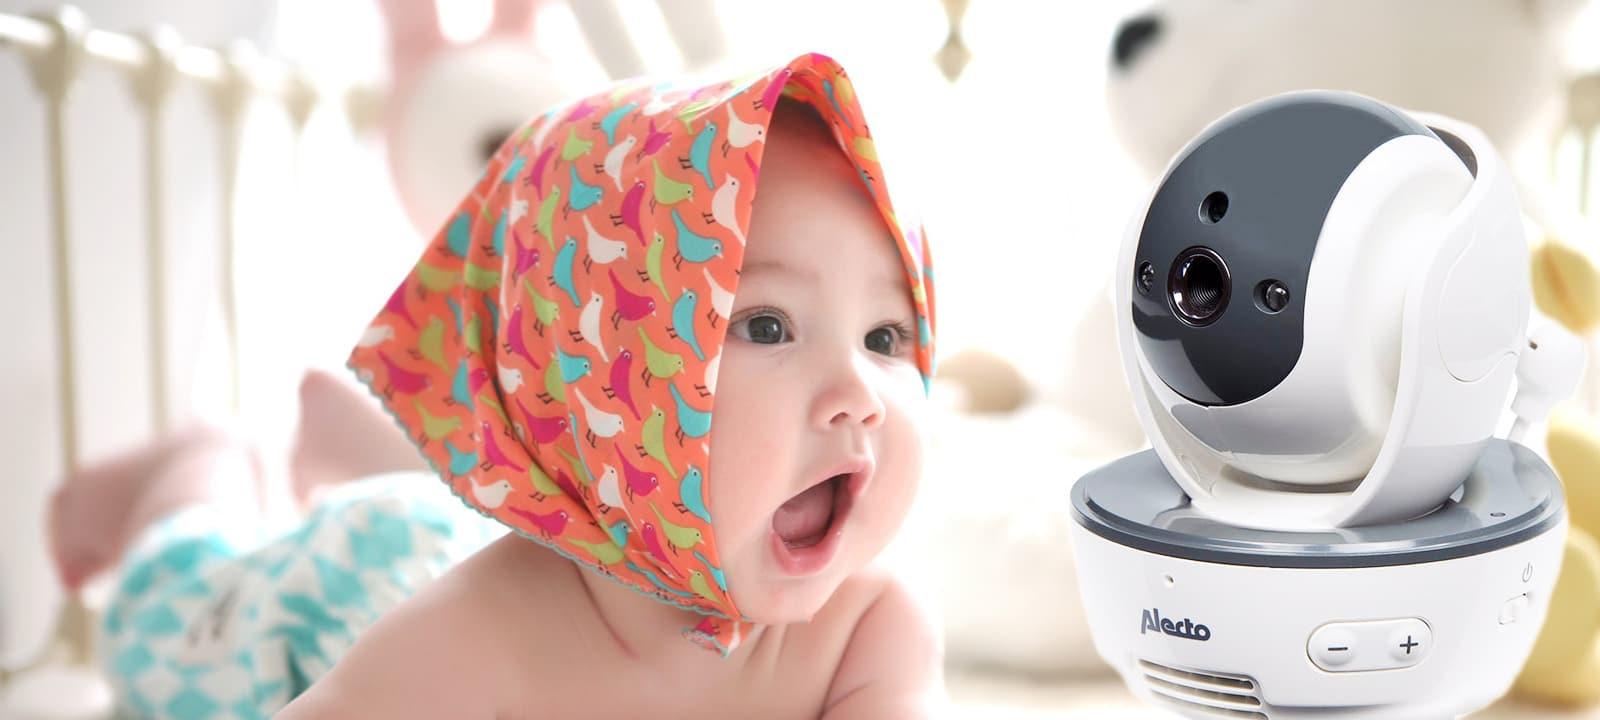 Dit is de top 5 beste babyfoons voor 2019: Welke babyfoon past bij jou?